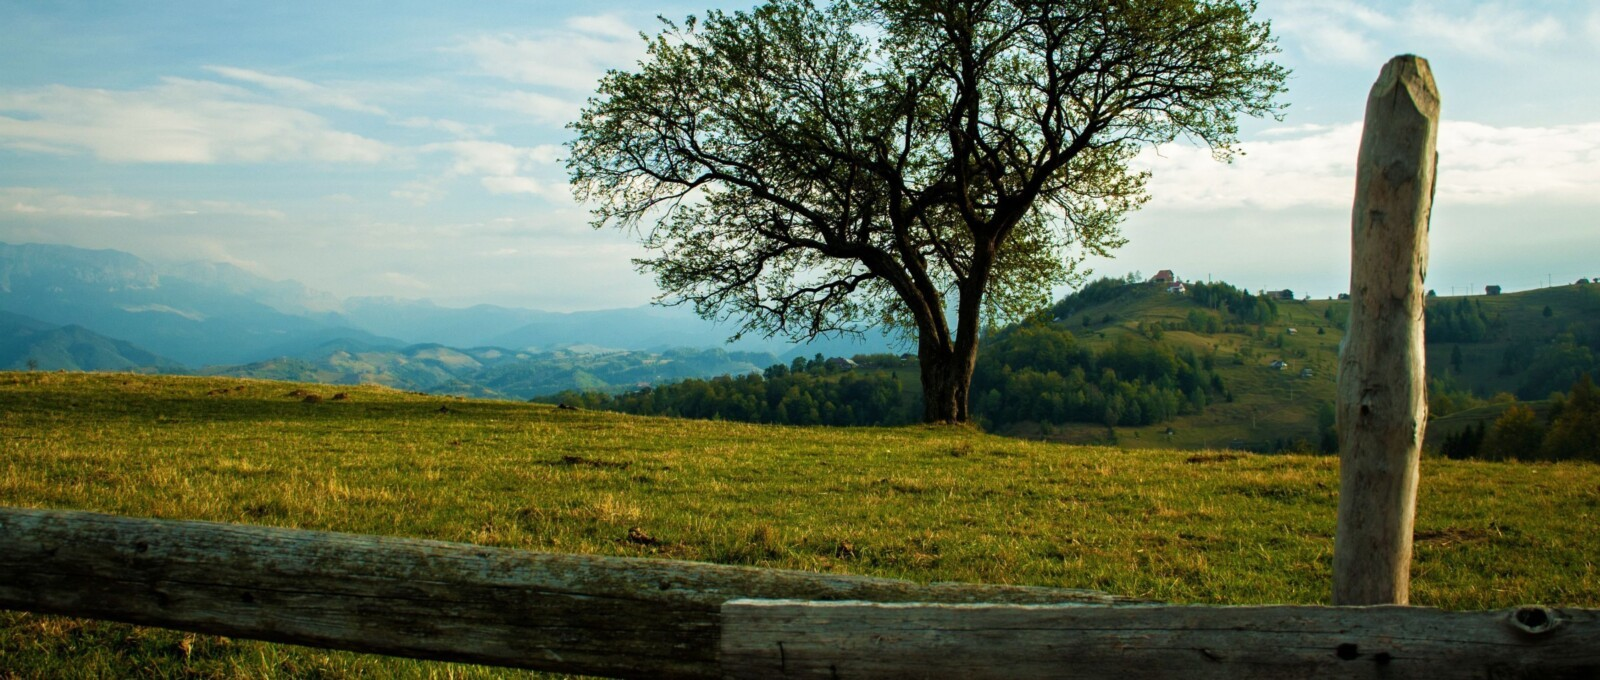 Pure Romania, Travel to Romania Home Page RomaniaTravel Agency Visit Romania